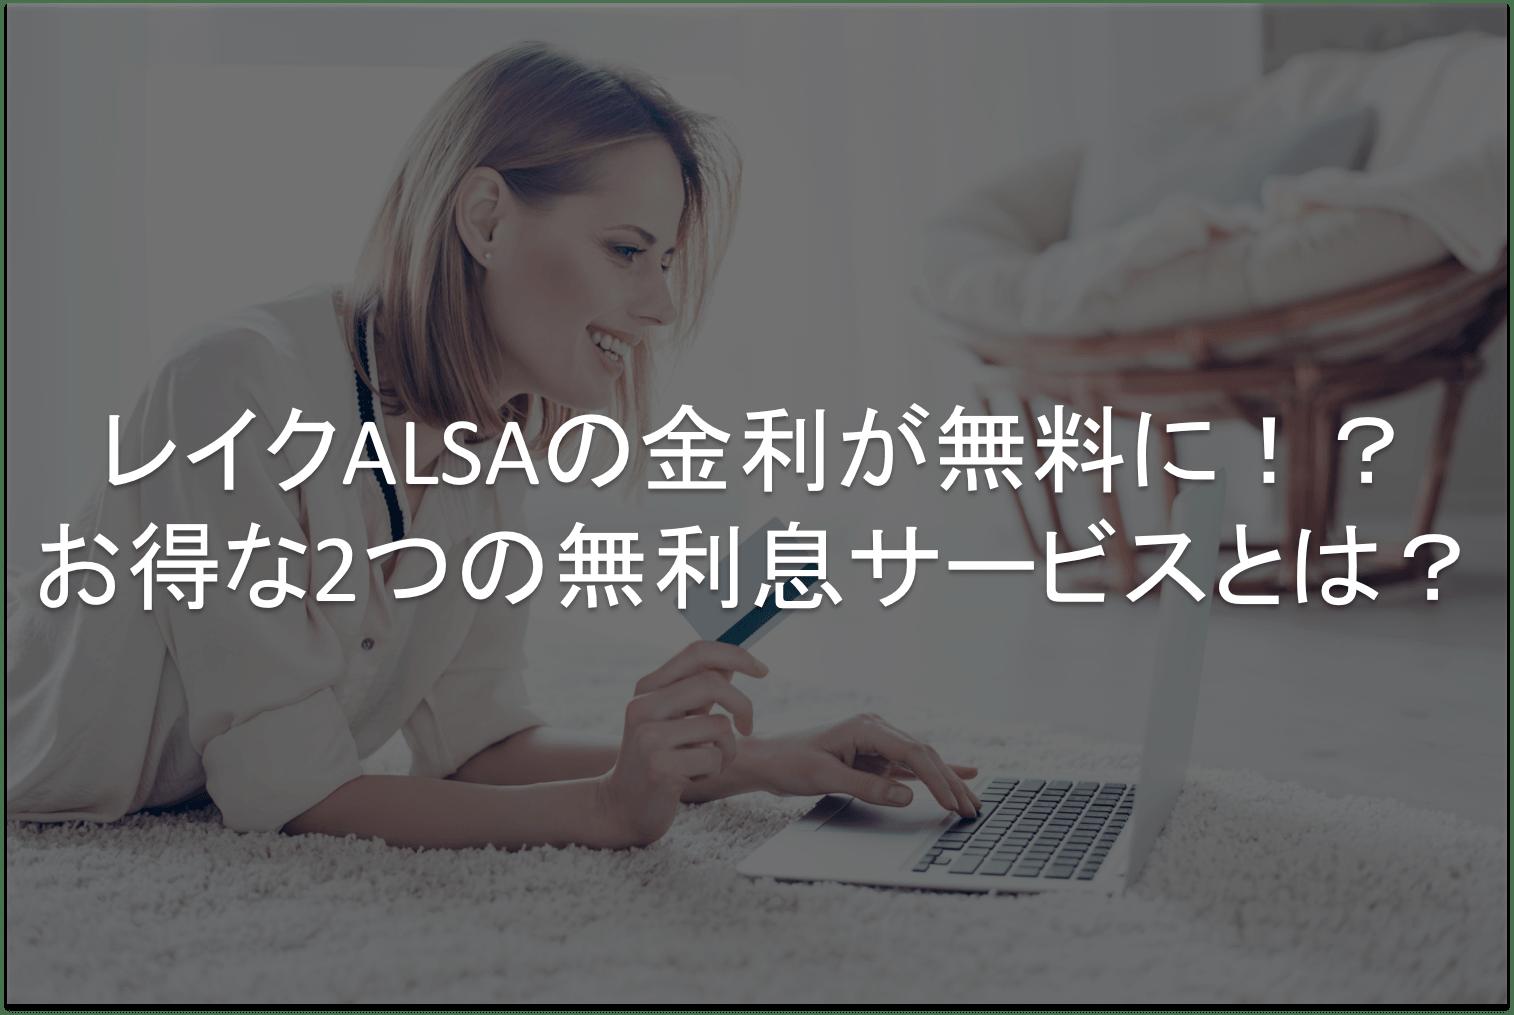 レイクALSA 金利 無利息サービス